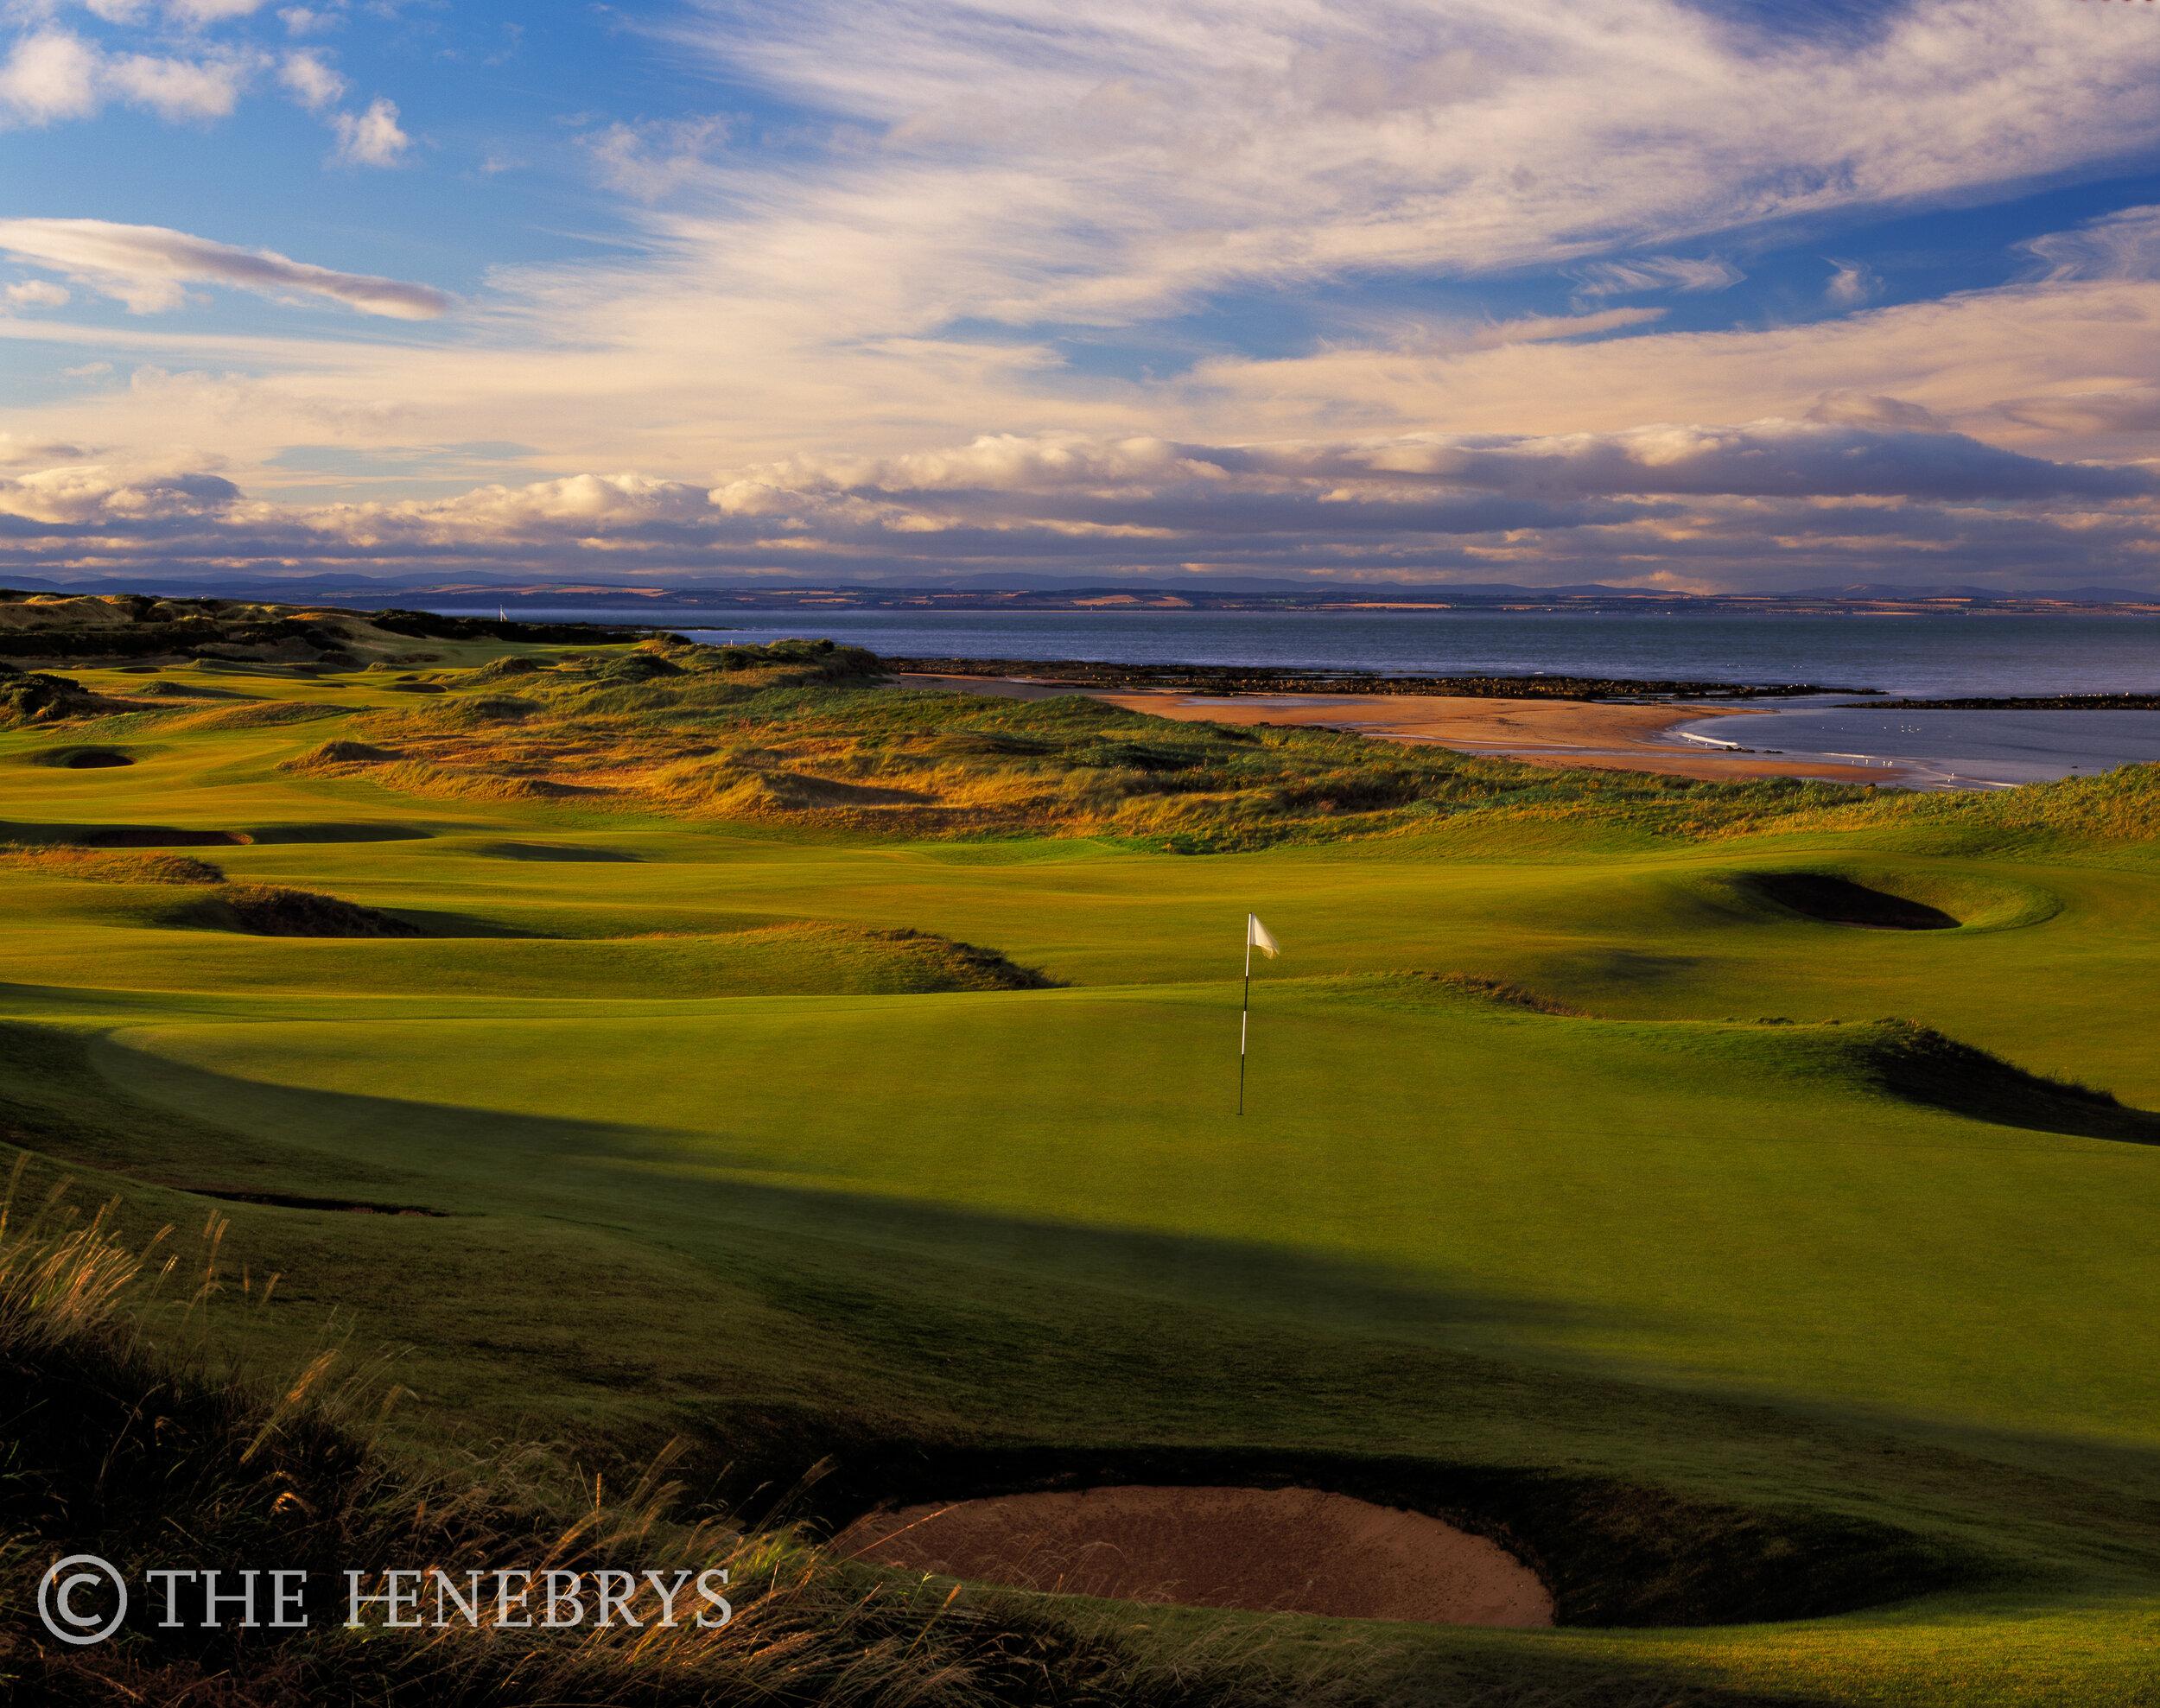 Kingsbarns Golf Club #08r, Kingsbarns, Scotland